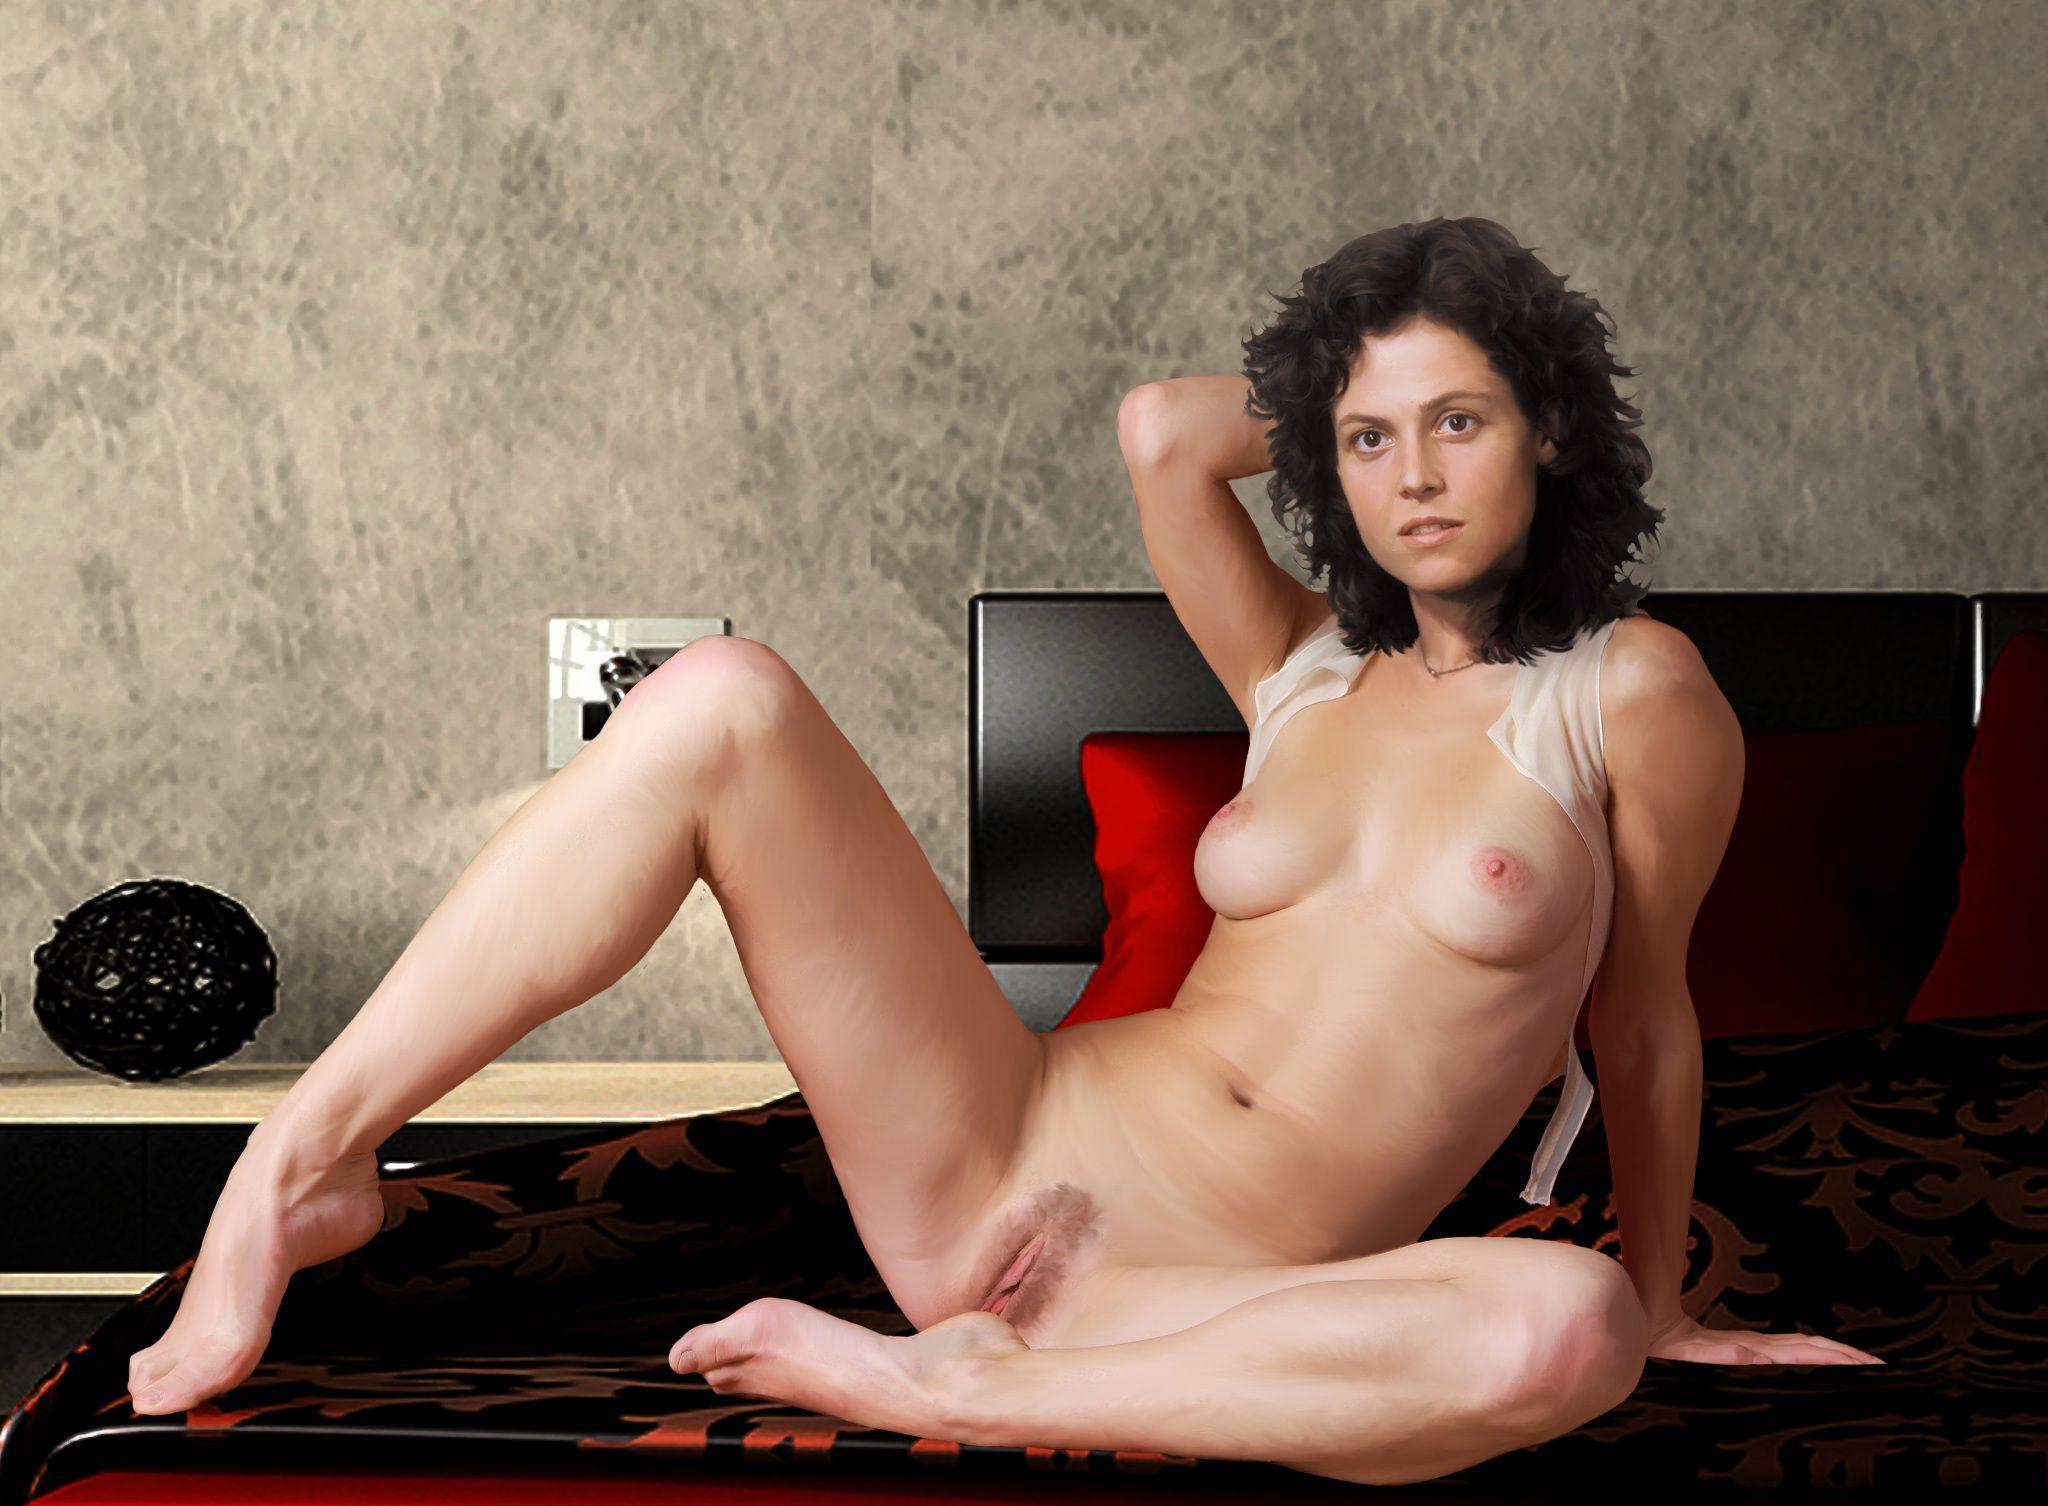 Porn Sigourney Weaver nude photos 2019